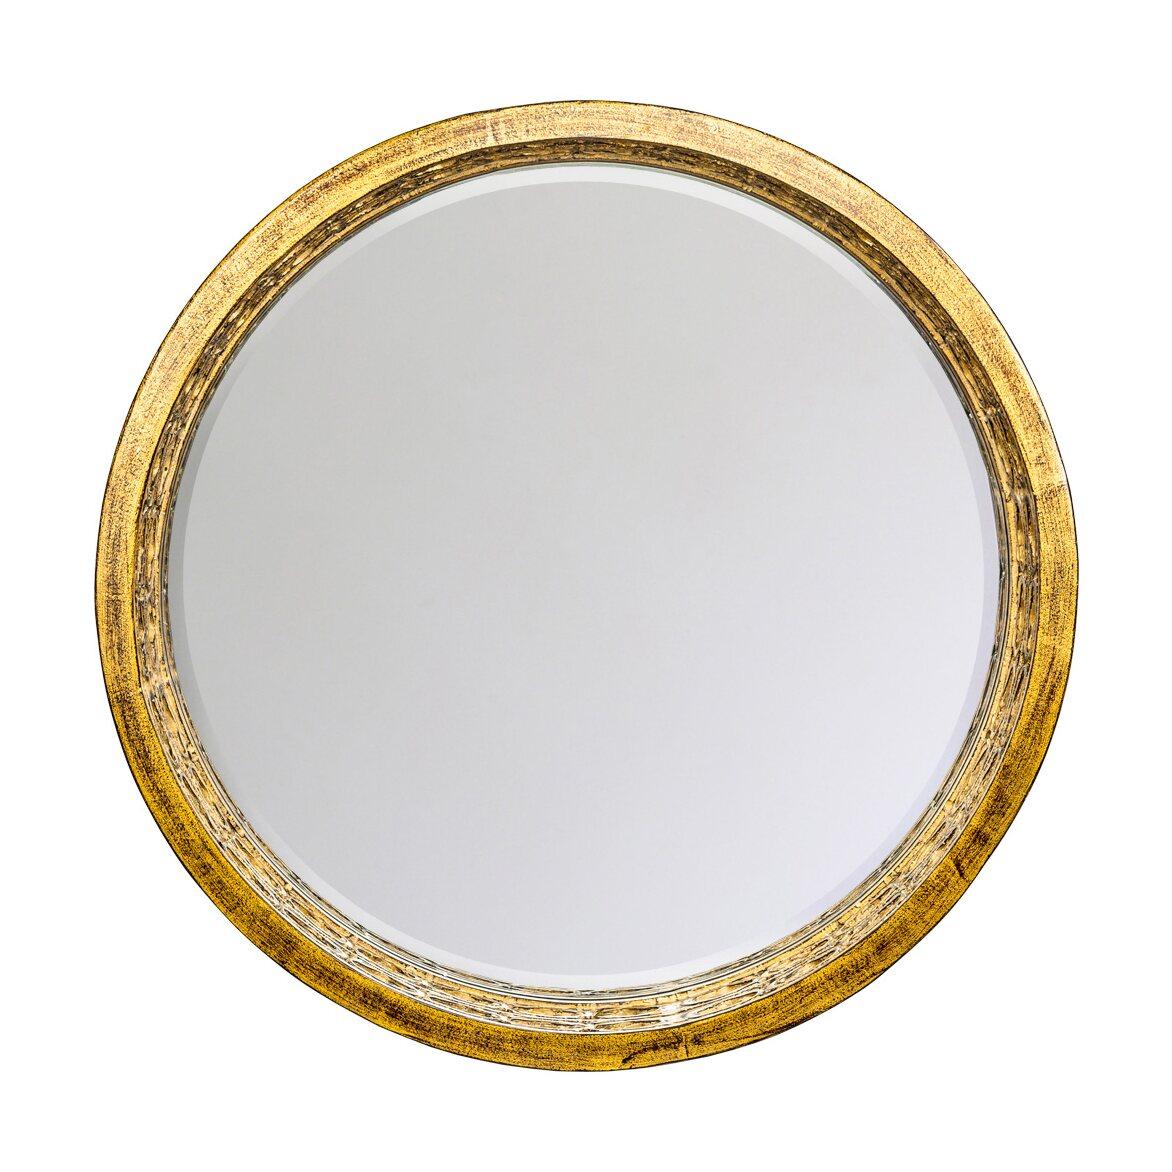 Настенное зеркало «Круазе» 2 | Настенные зеркала Kingsby